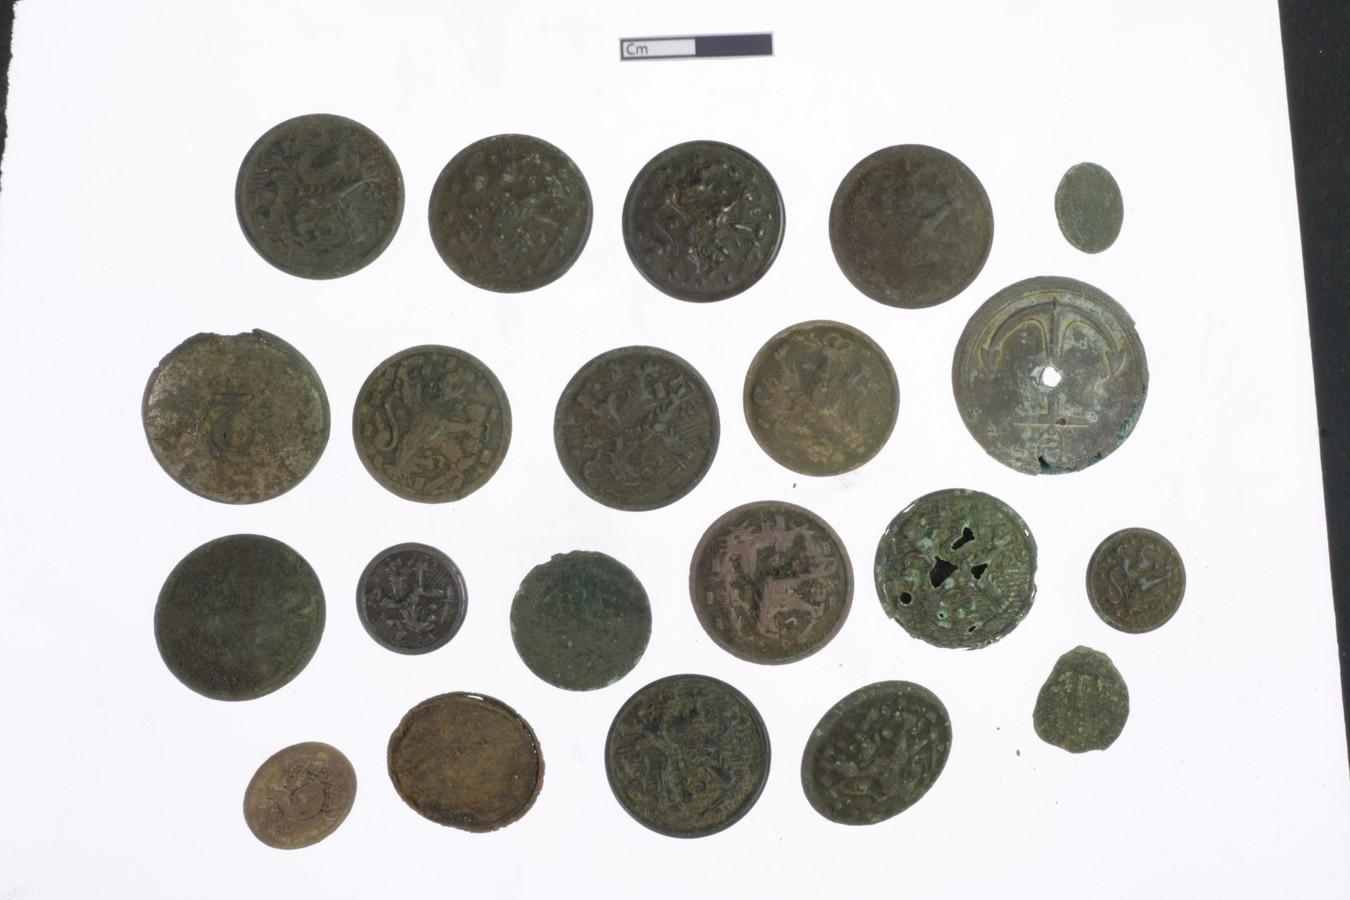 De kogels, knopen en munten (foto) werden aangetroffen op de plek waar de waterputten, keukens en barakken waren.